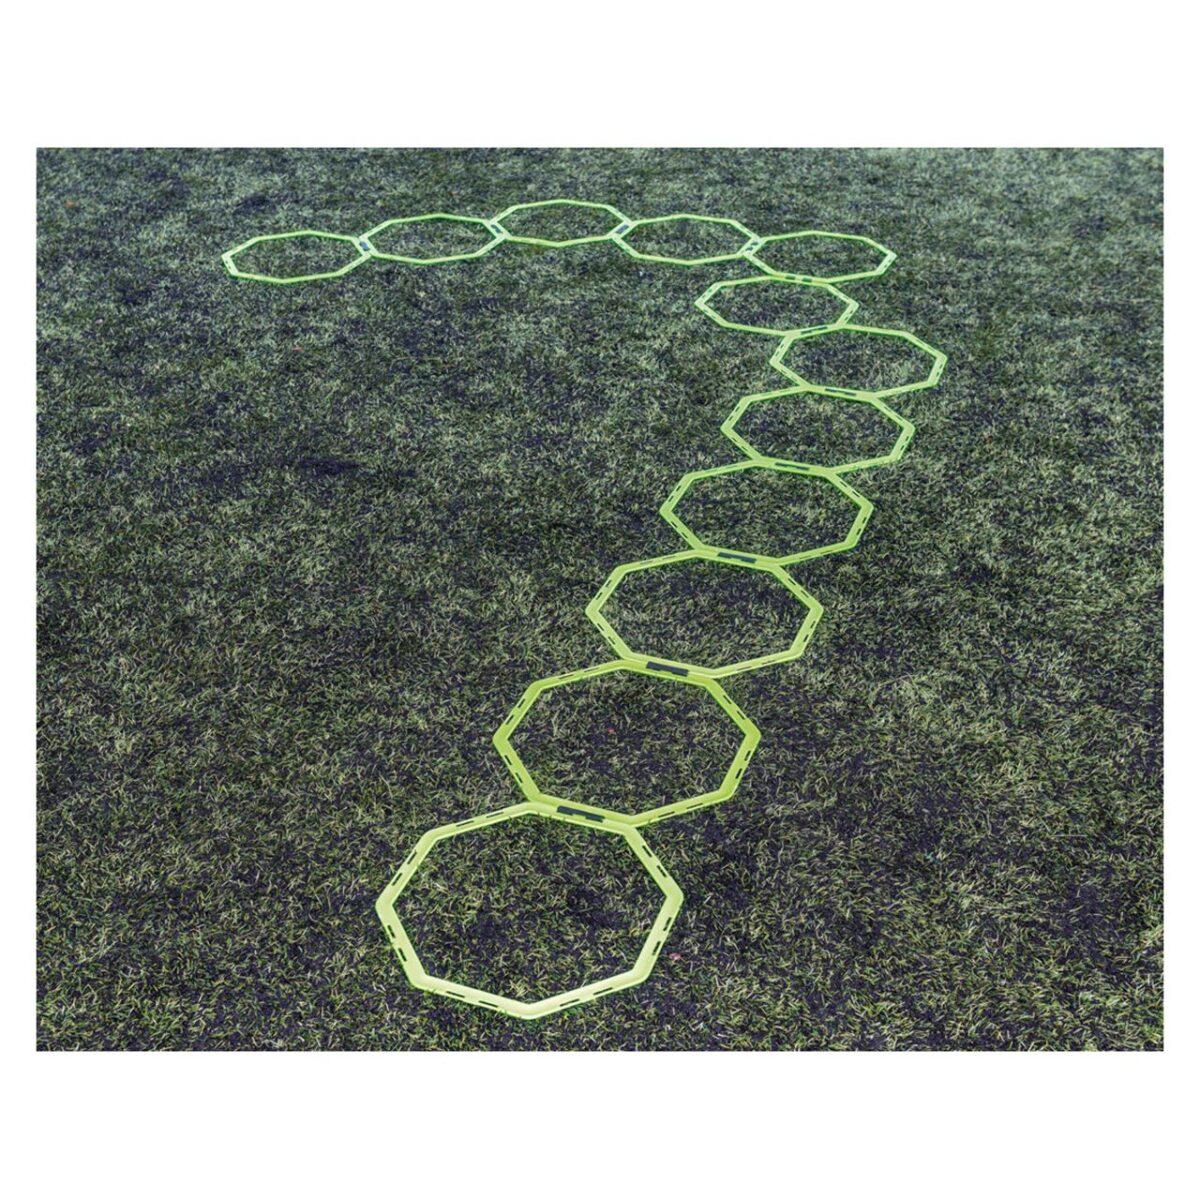 OCTA Ring System